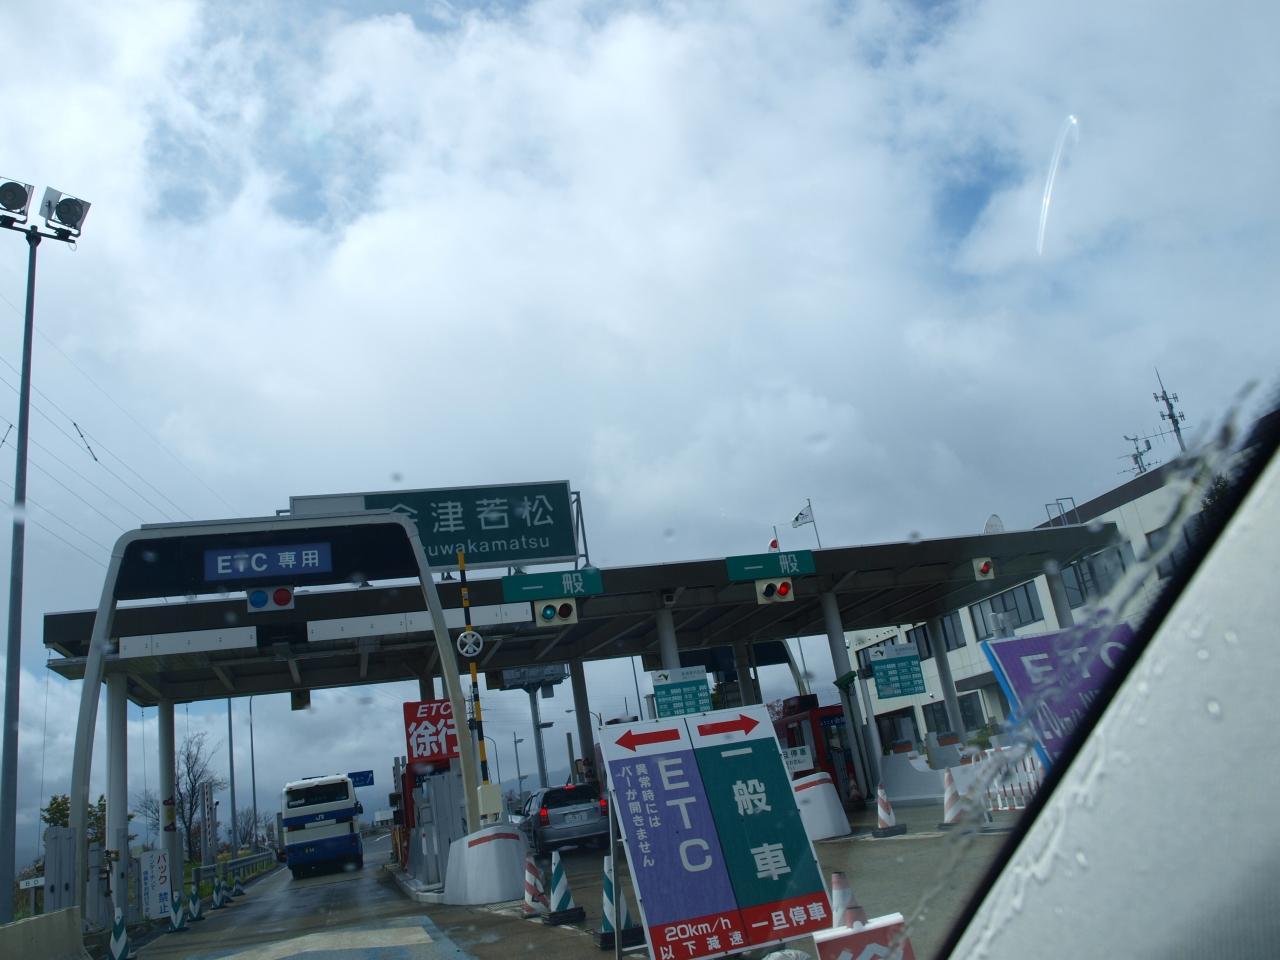 天 地 人 「 桜 散 る 会 津 若 松 」 の 旅 < 福島県会津若松市 >